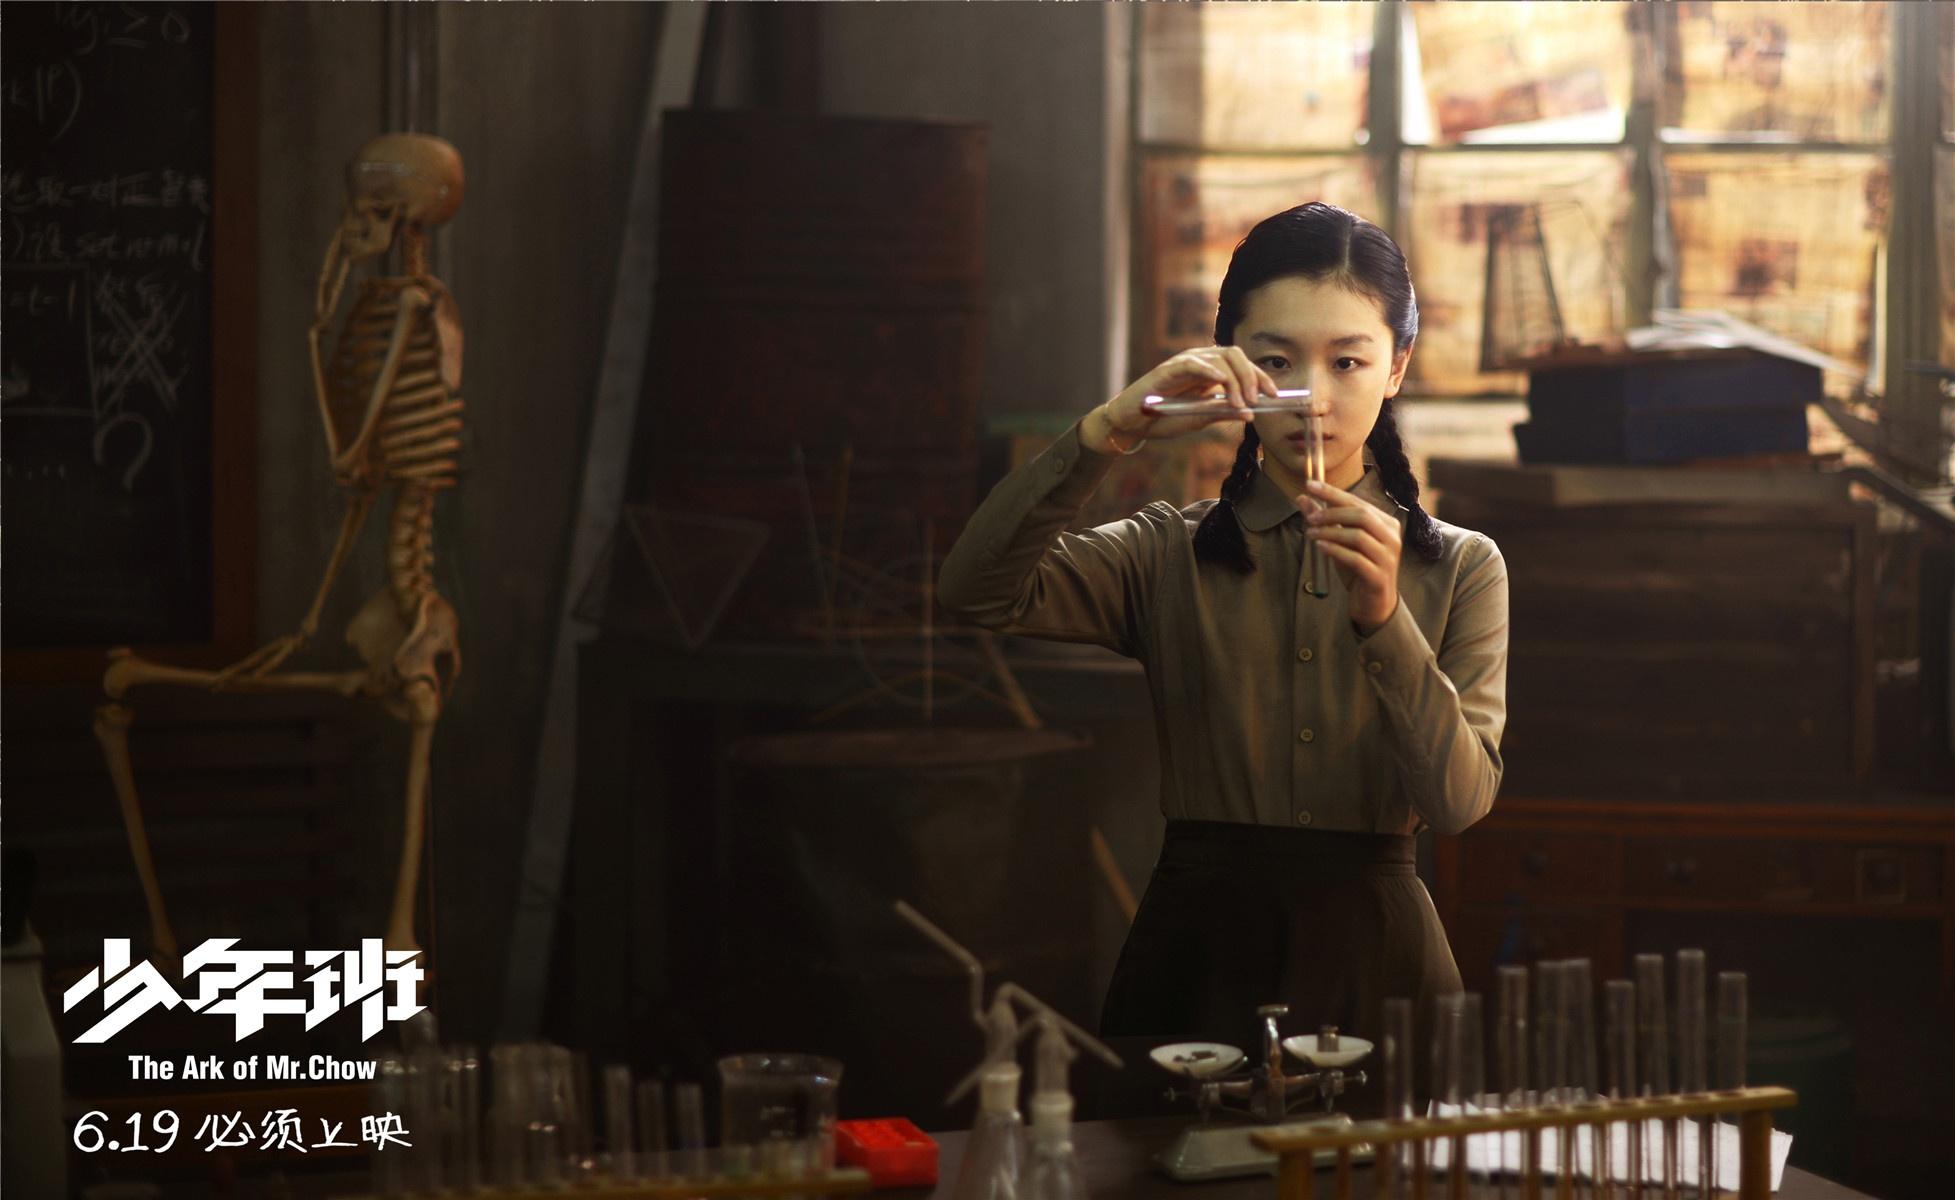 少年班_电影剧照_图集_电影网_1905.com